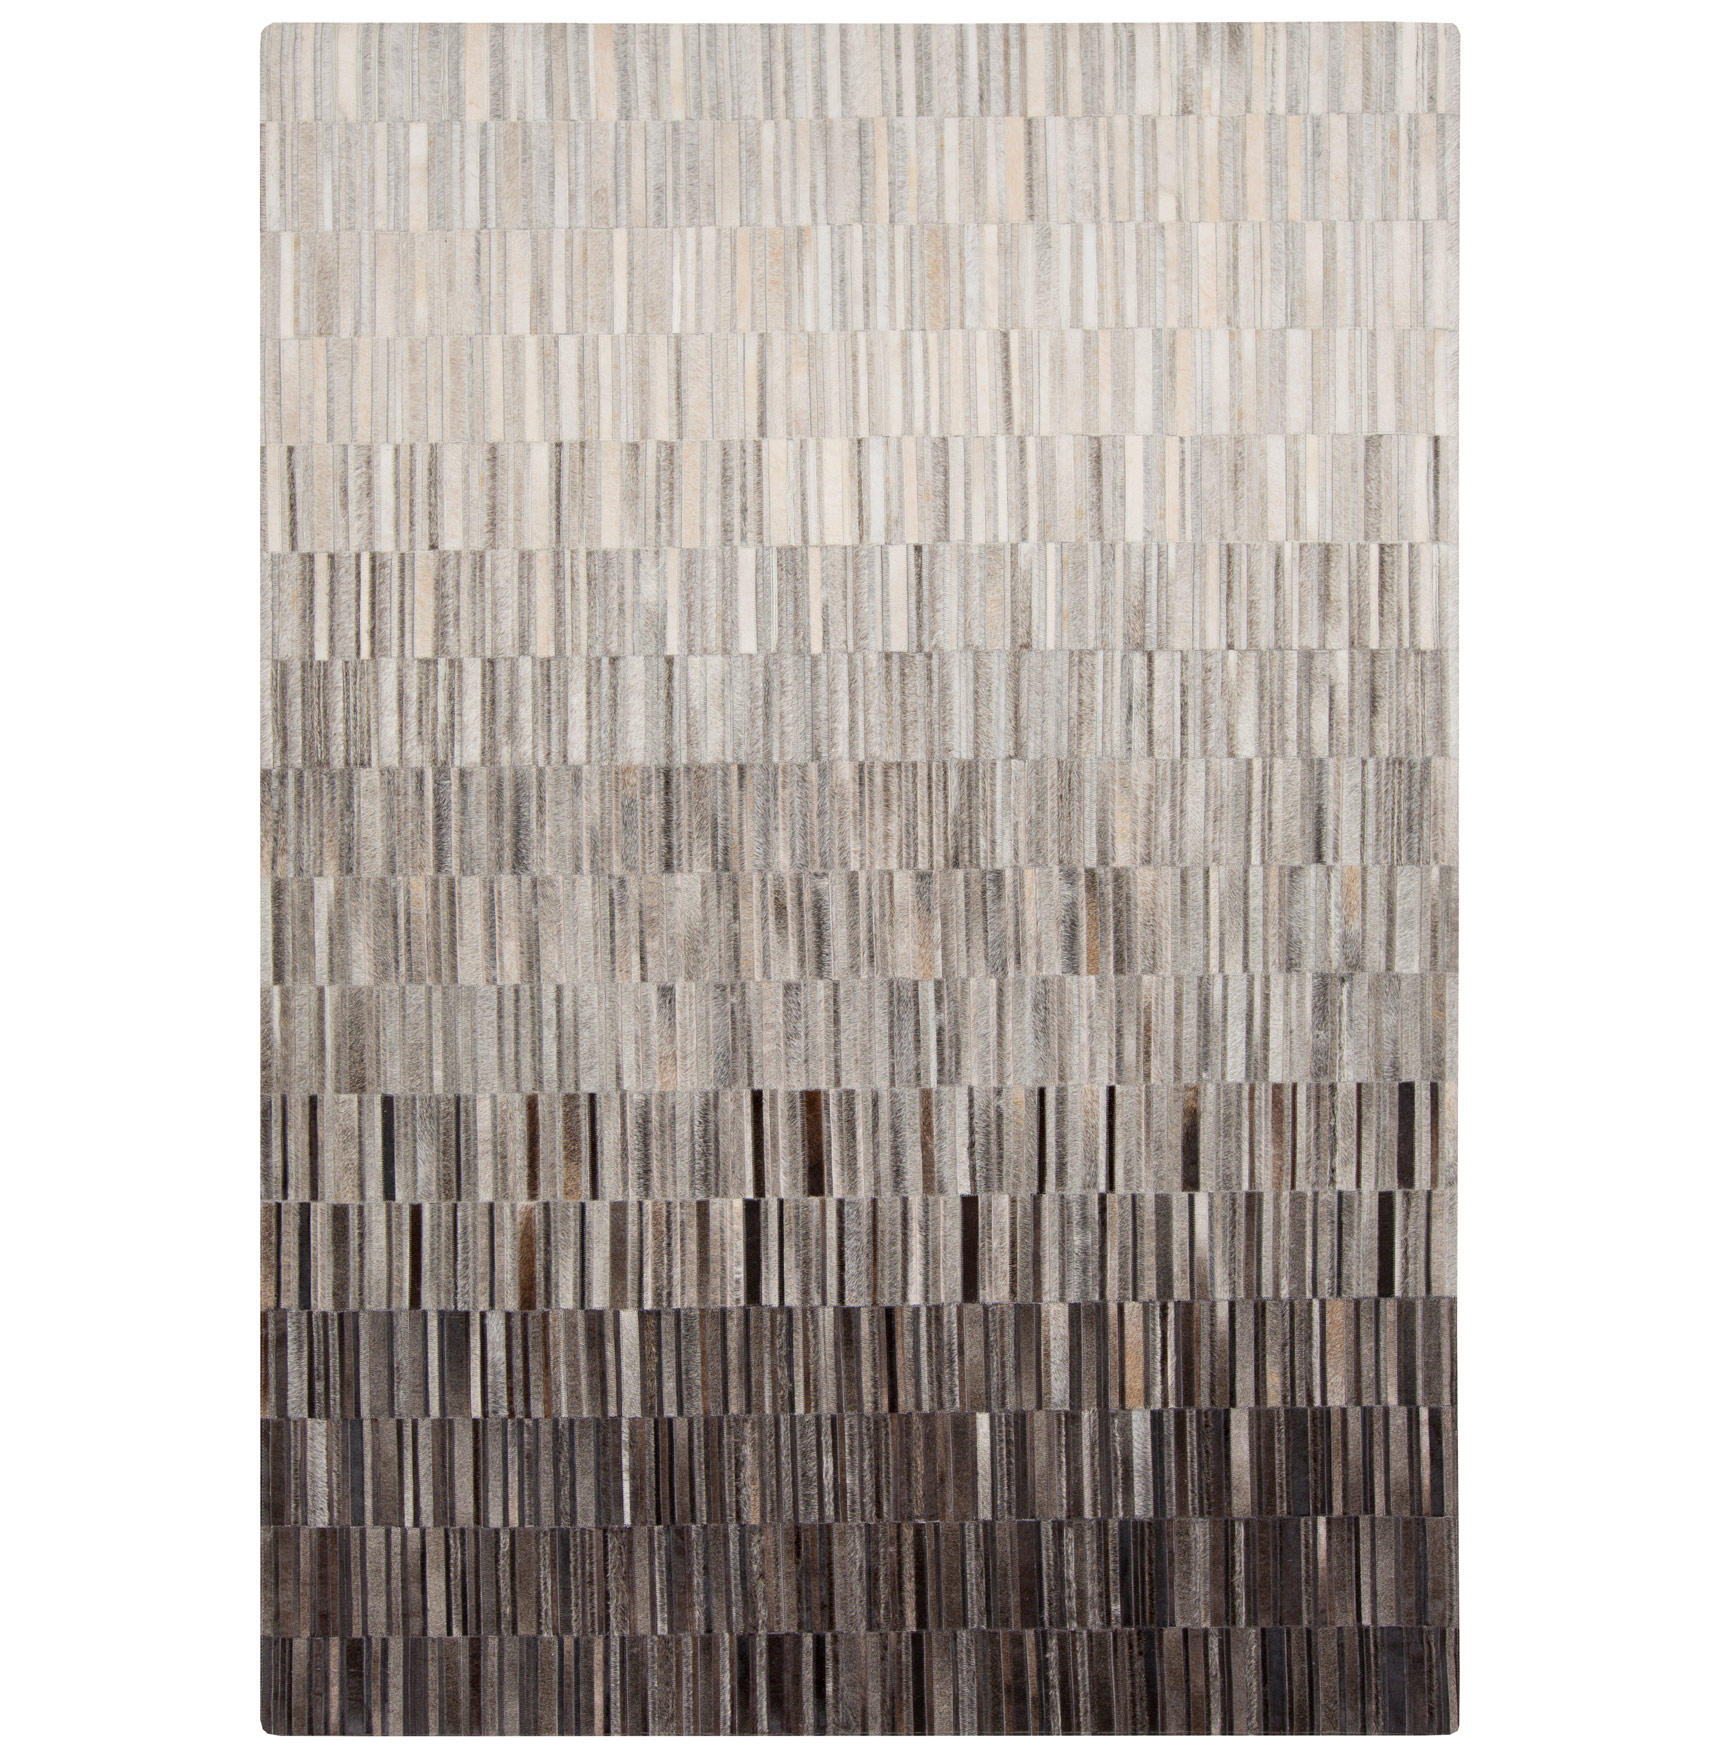 Resham Global Bazaar Vertical Tile Grey Brown Ombre Cowhide Rug - 2x3